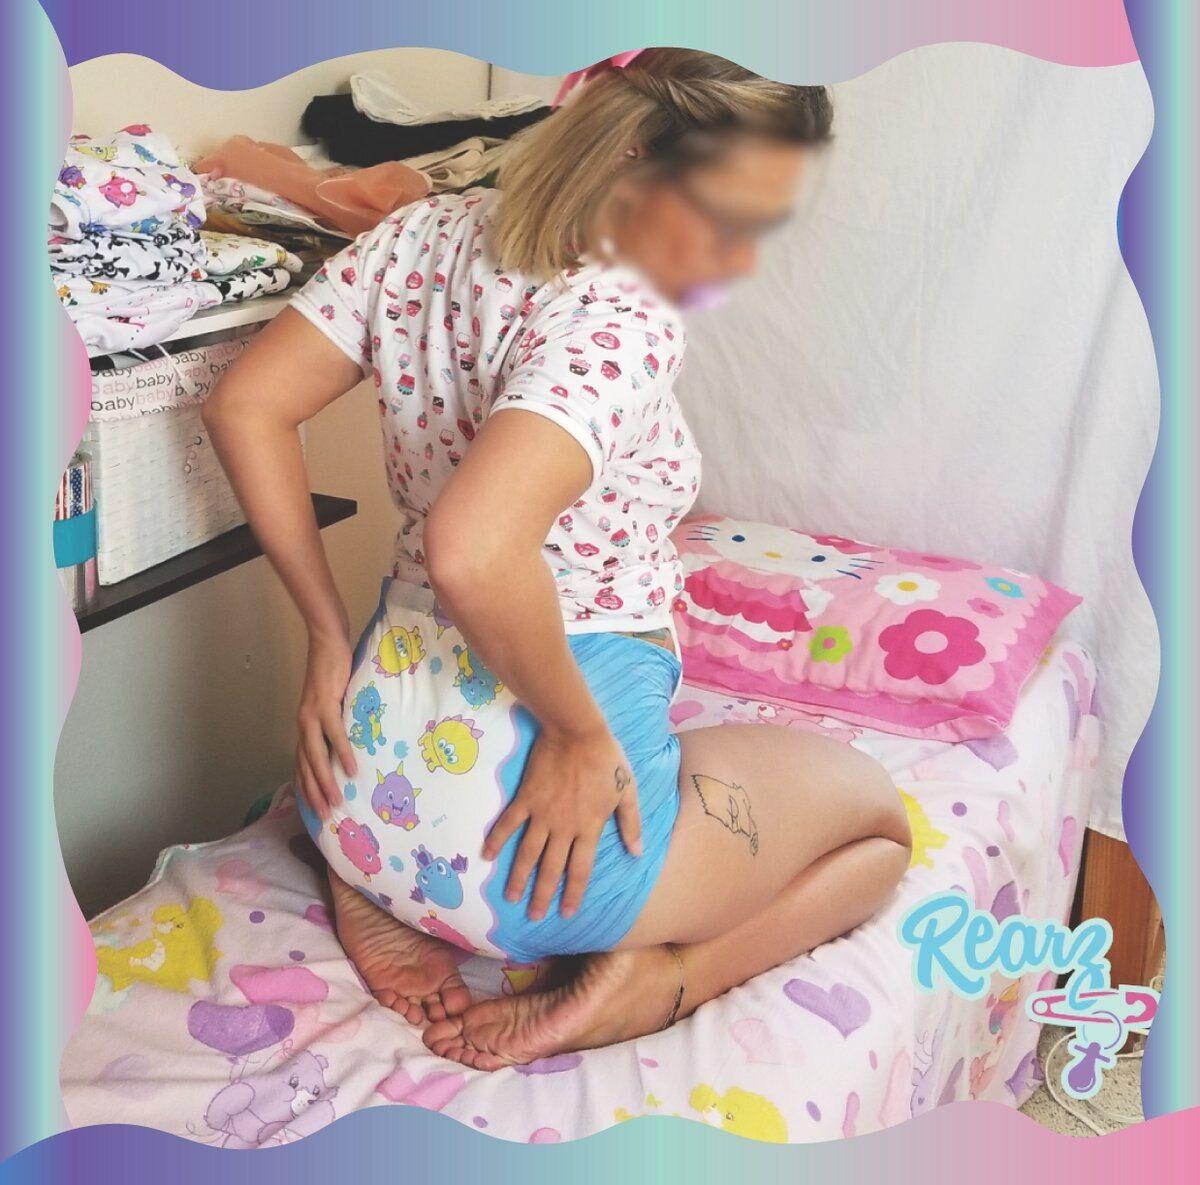 AliExpress Couche-culotte ABDL canadien avec parfum pour adulte et bébé, couche très absorbante DDLG papa